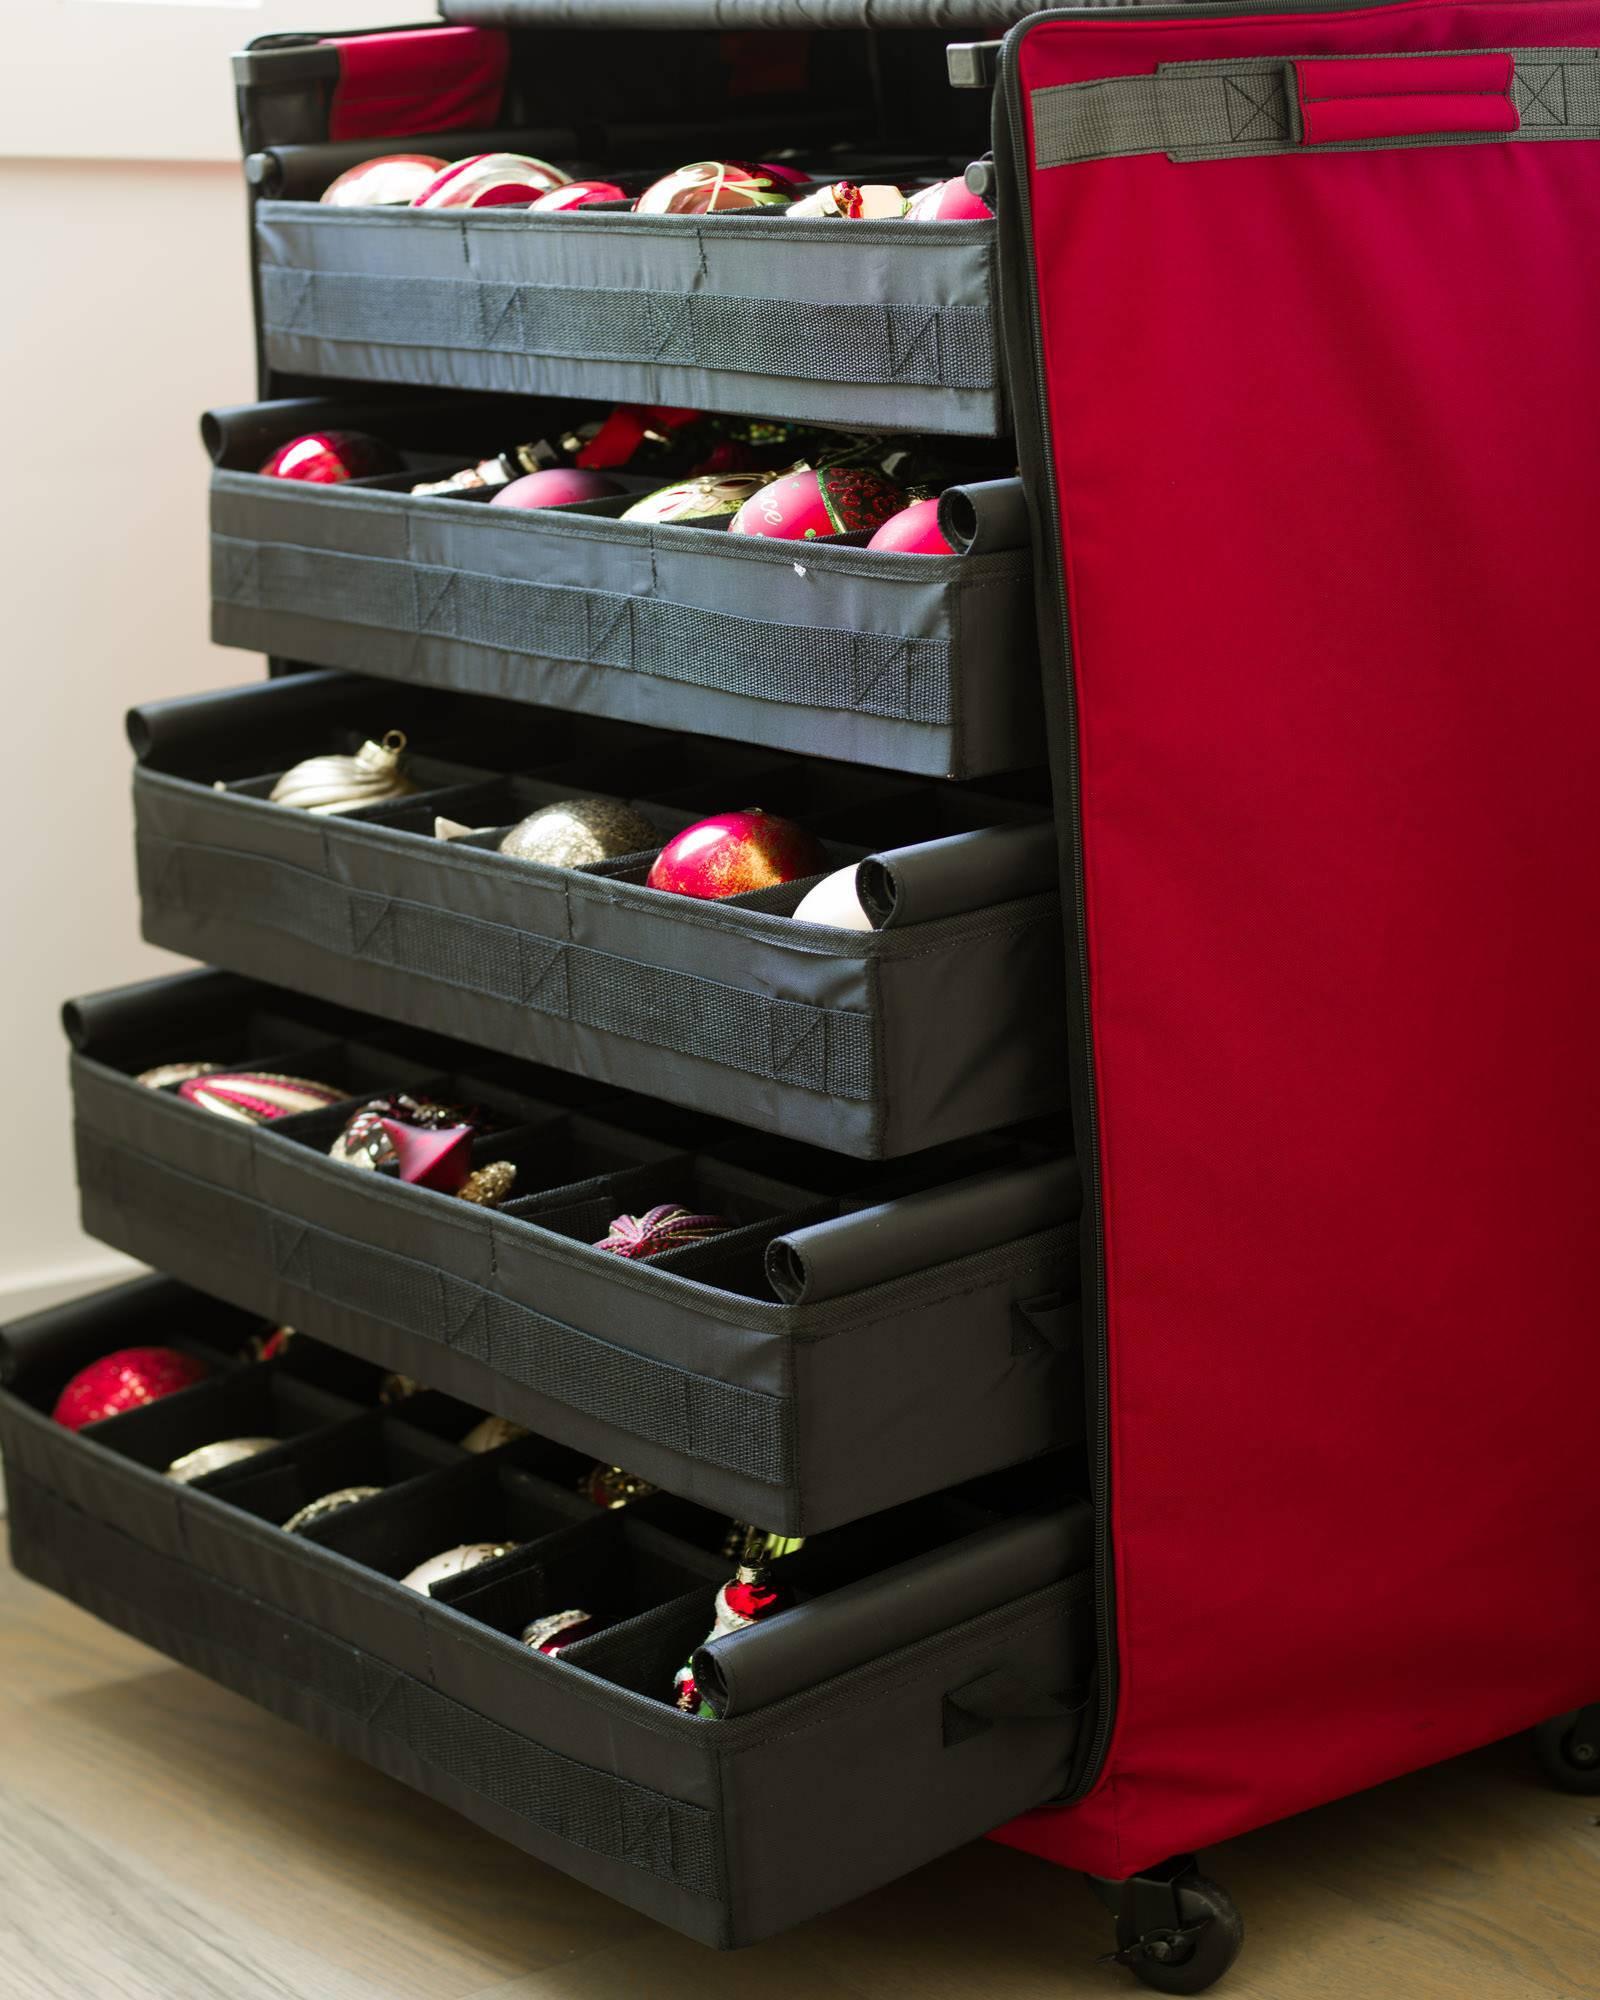 Christmas decoration storage ideas uk wedding decor Christmas bauble storage